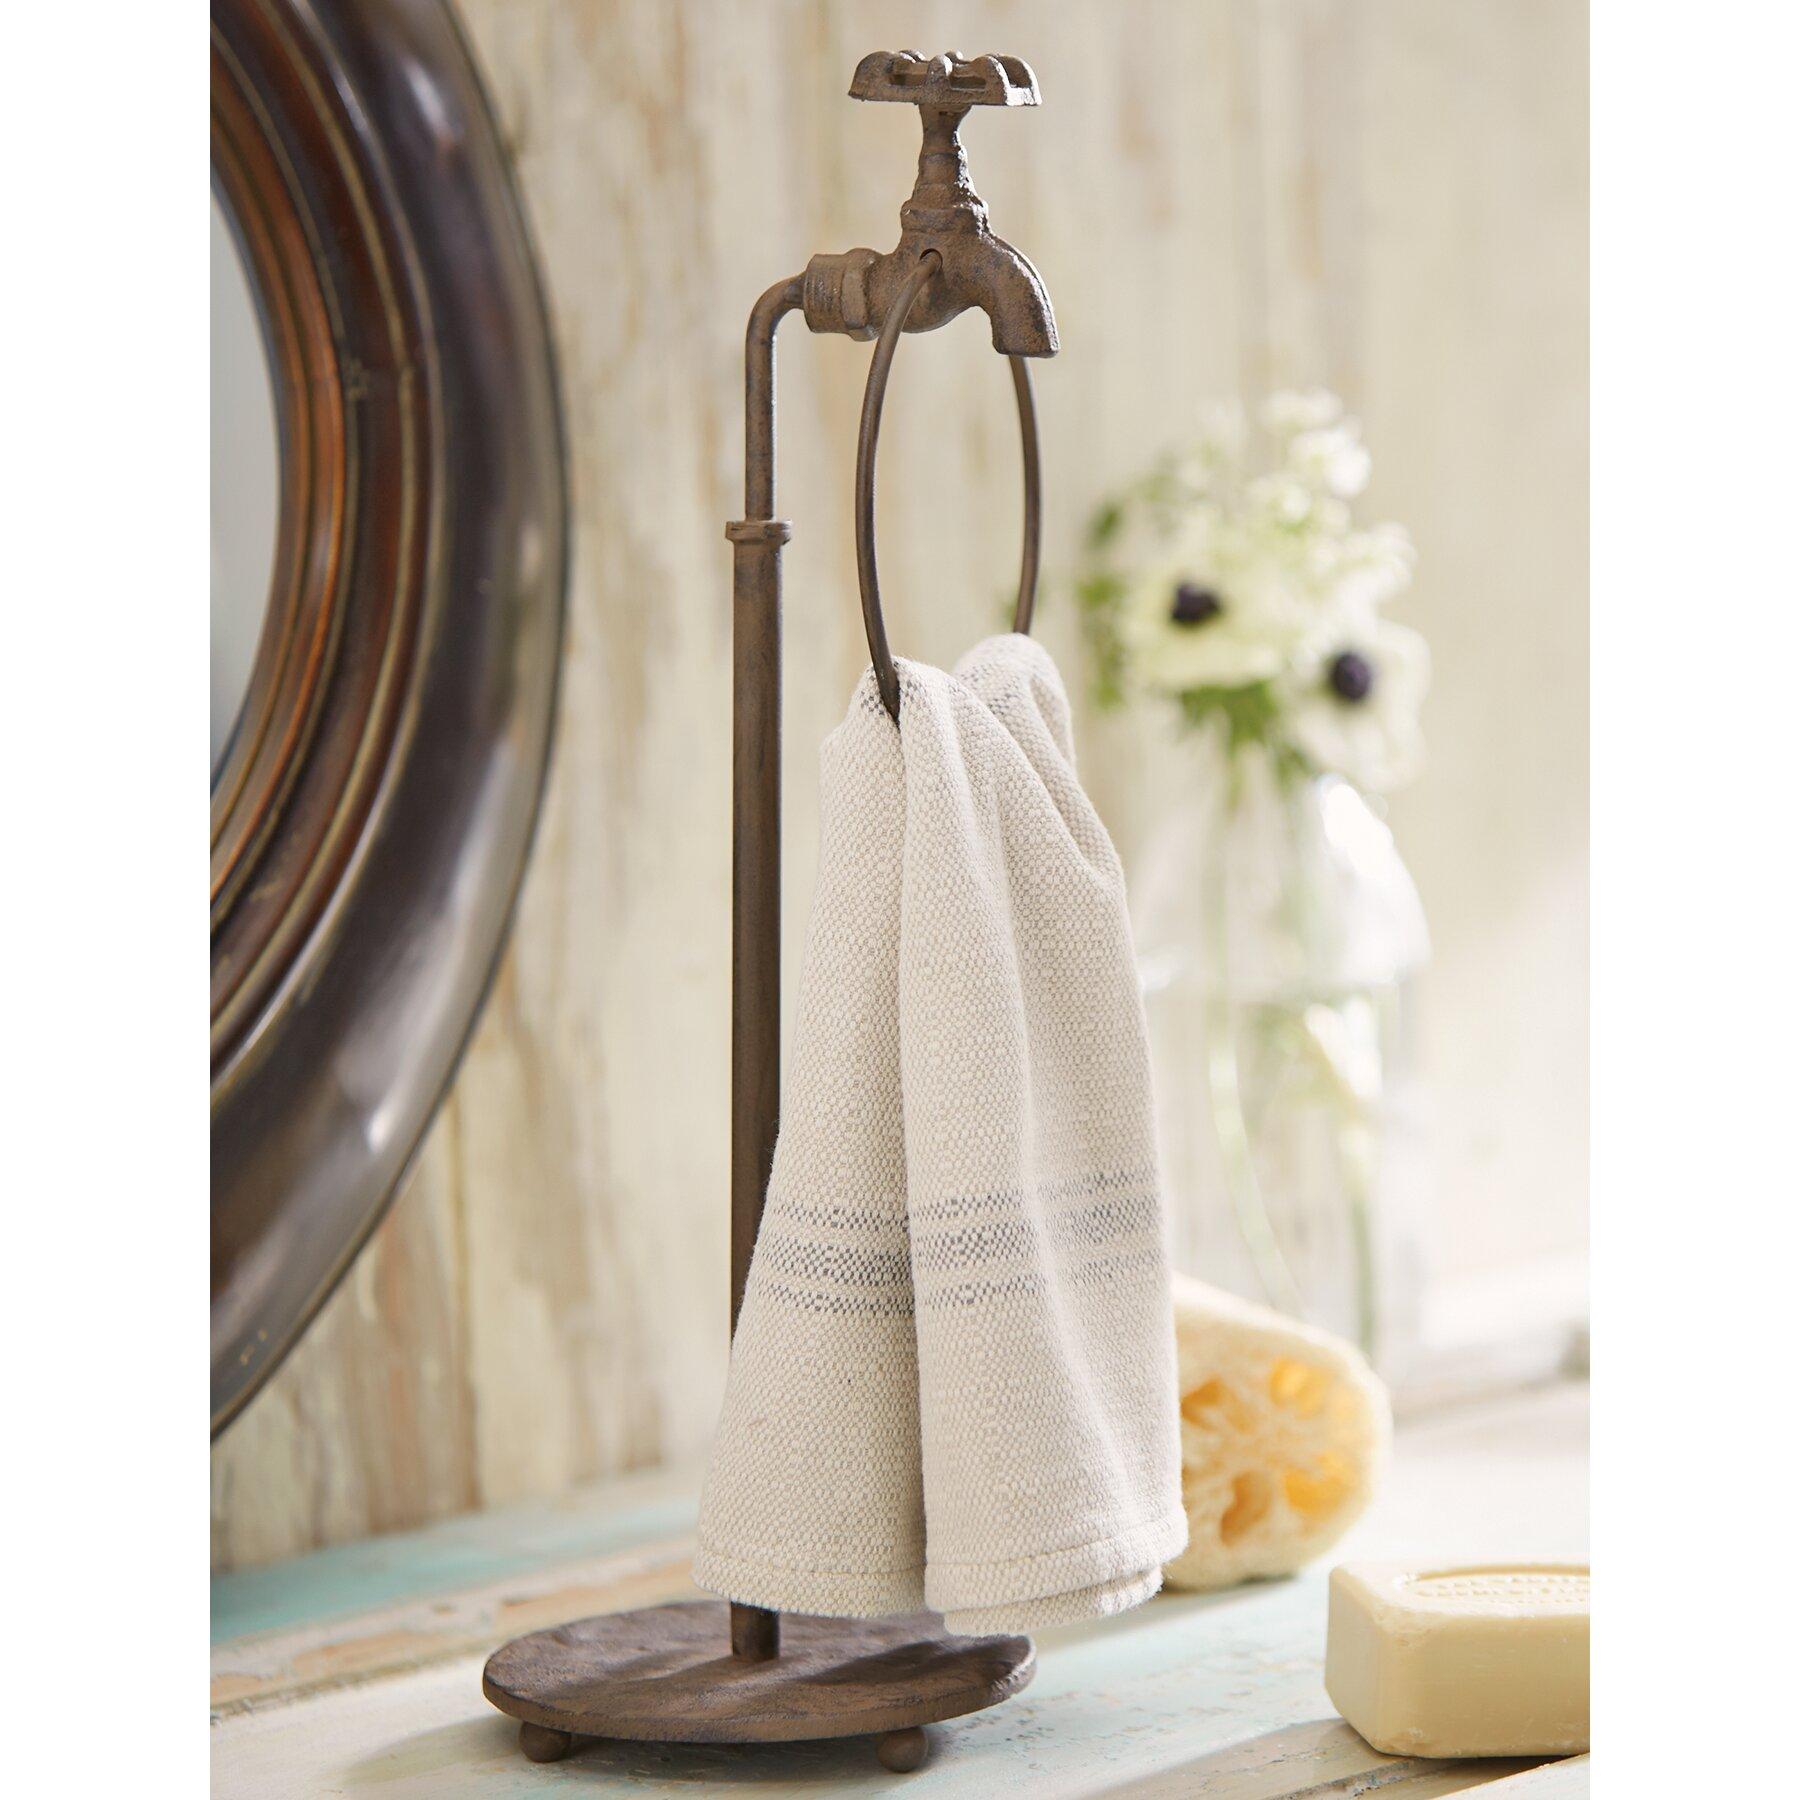 Bathroom Countertop Towel Holder My Web Value